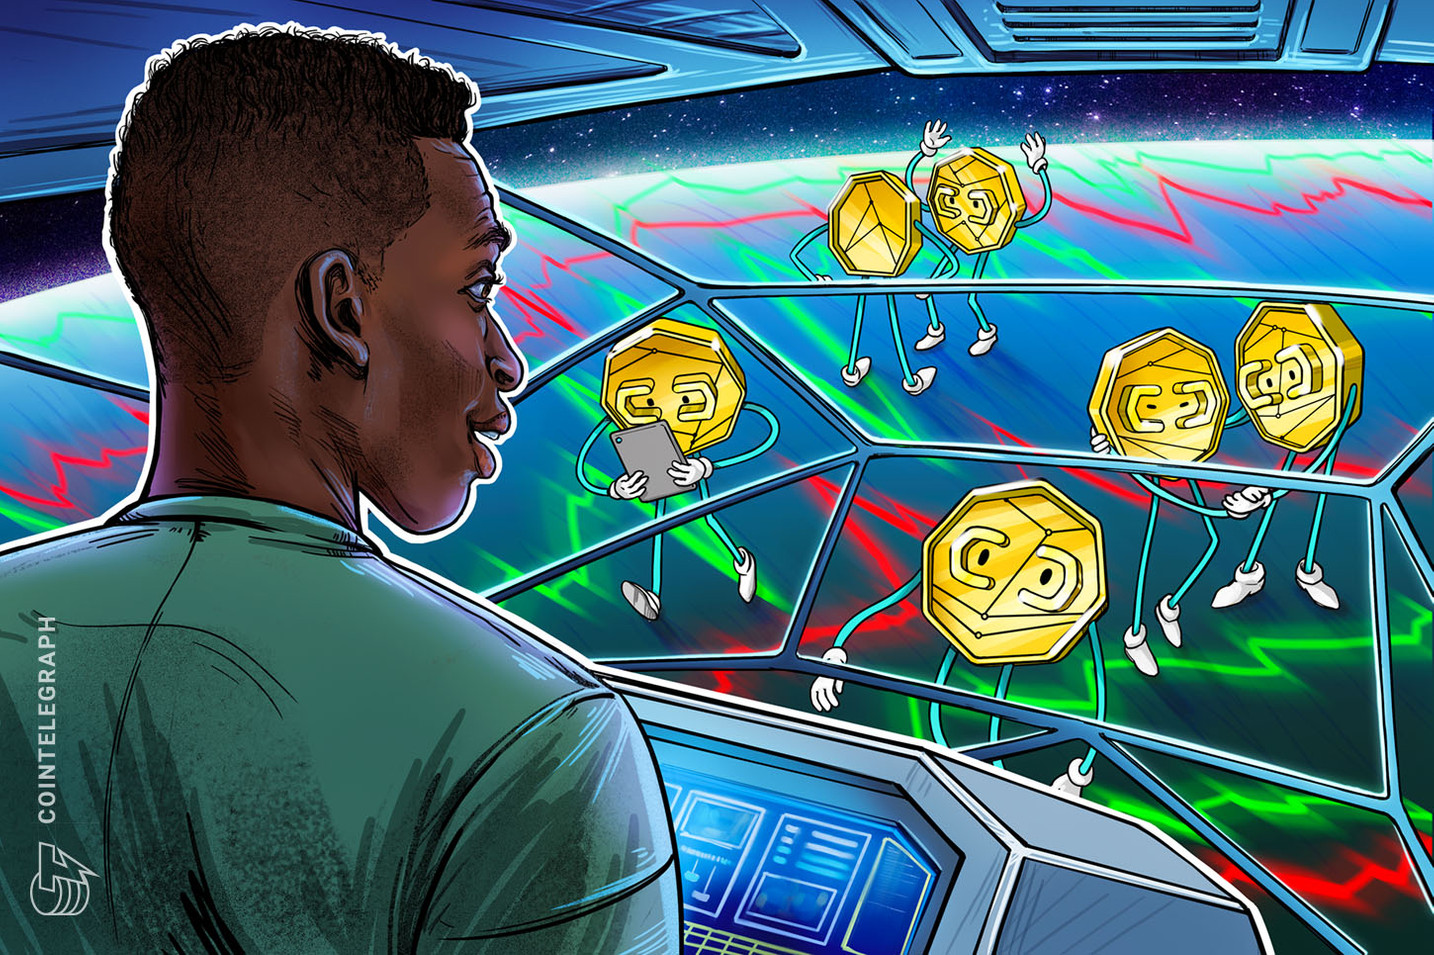 Az Altcoins és a DeFi tokenek magasabbra emelkednek, mivel a Bitcoin ára 40 XNUMX dollárra esik